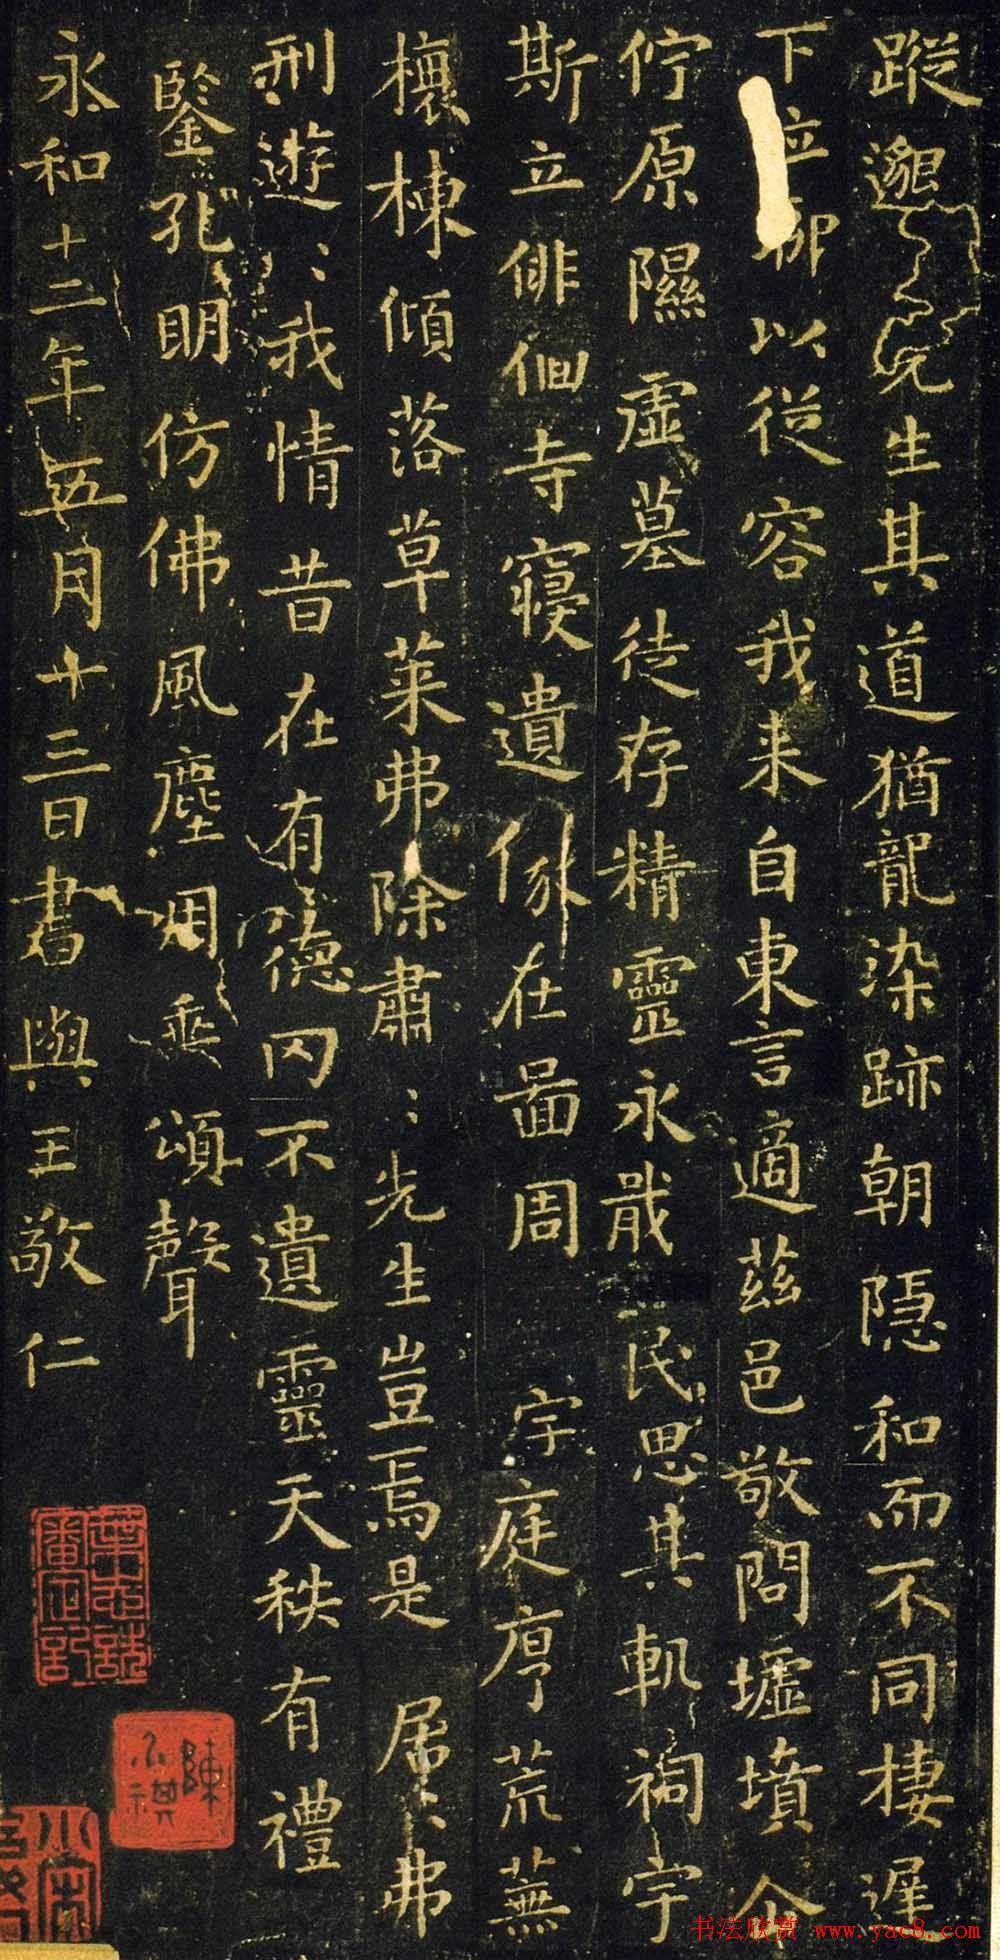 王羲之小楷欣赏《东方曼倩祠颂》